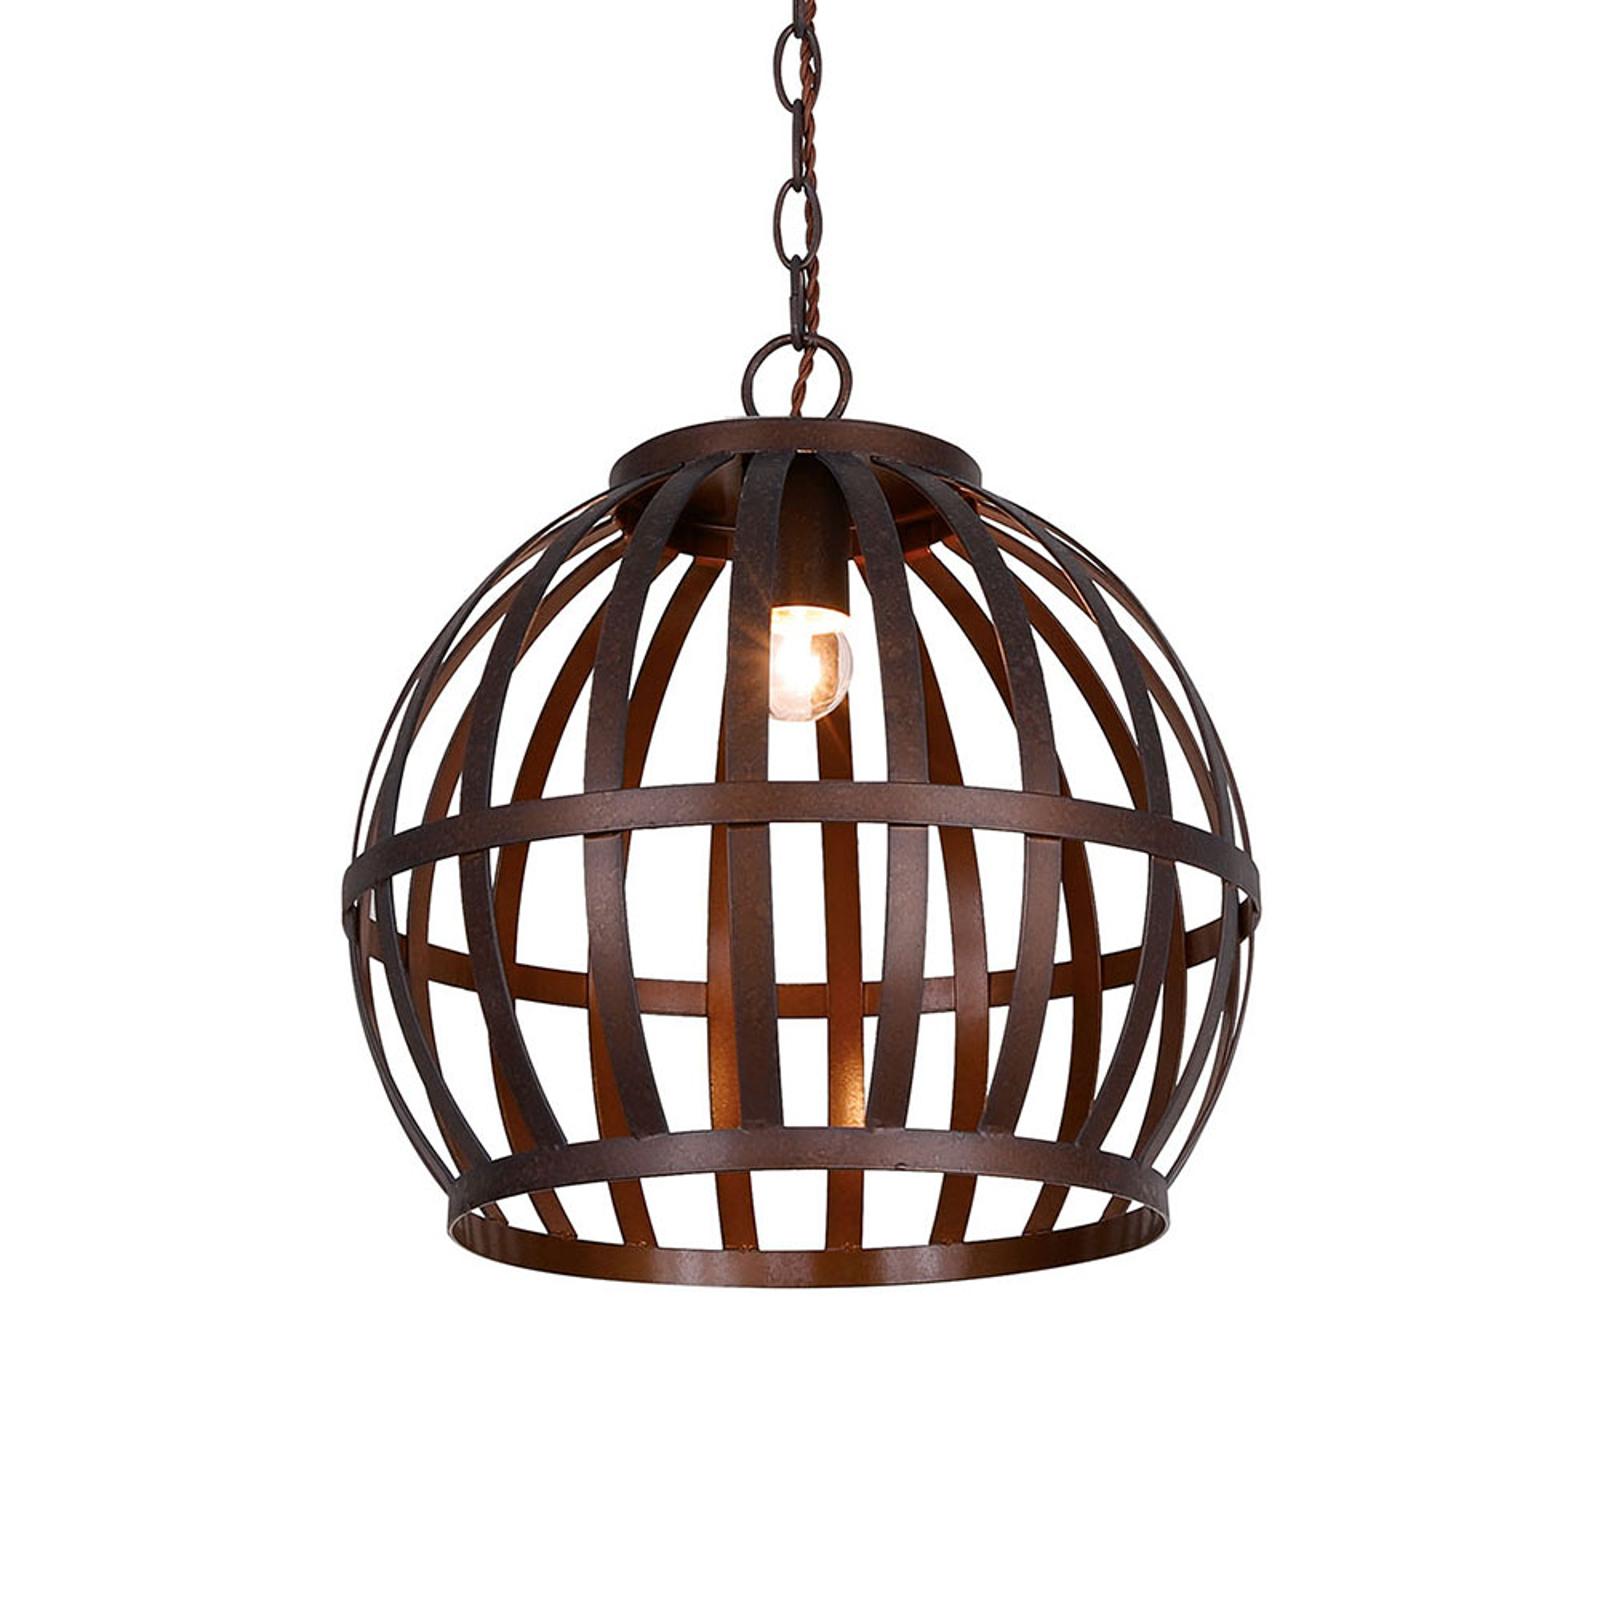 Lampa wisząca Ralph, klatka, brązowa, Ø 35 cm